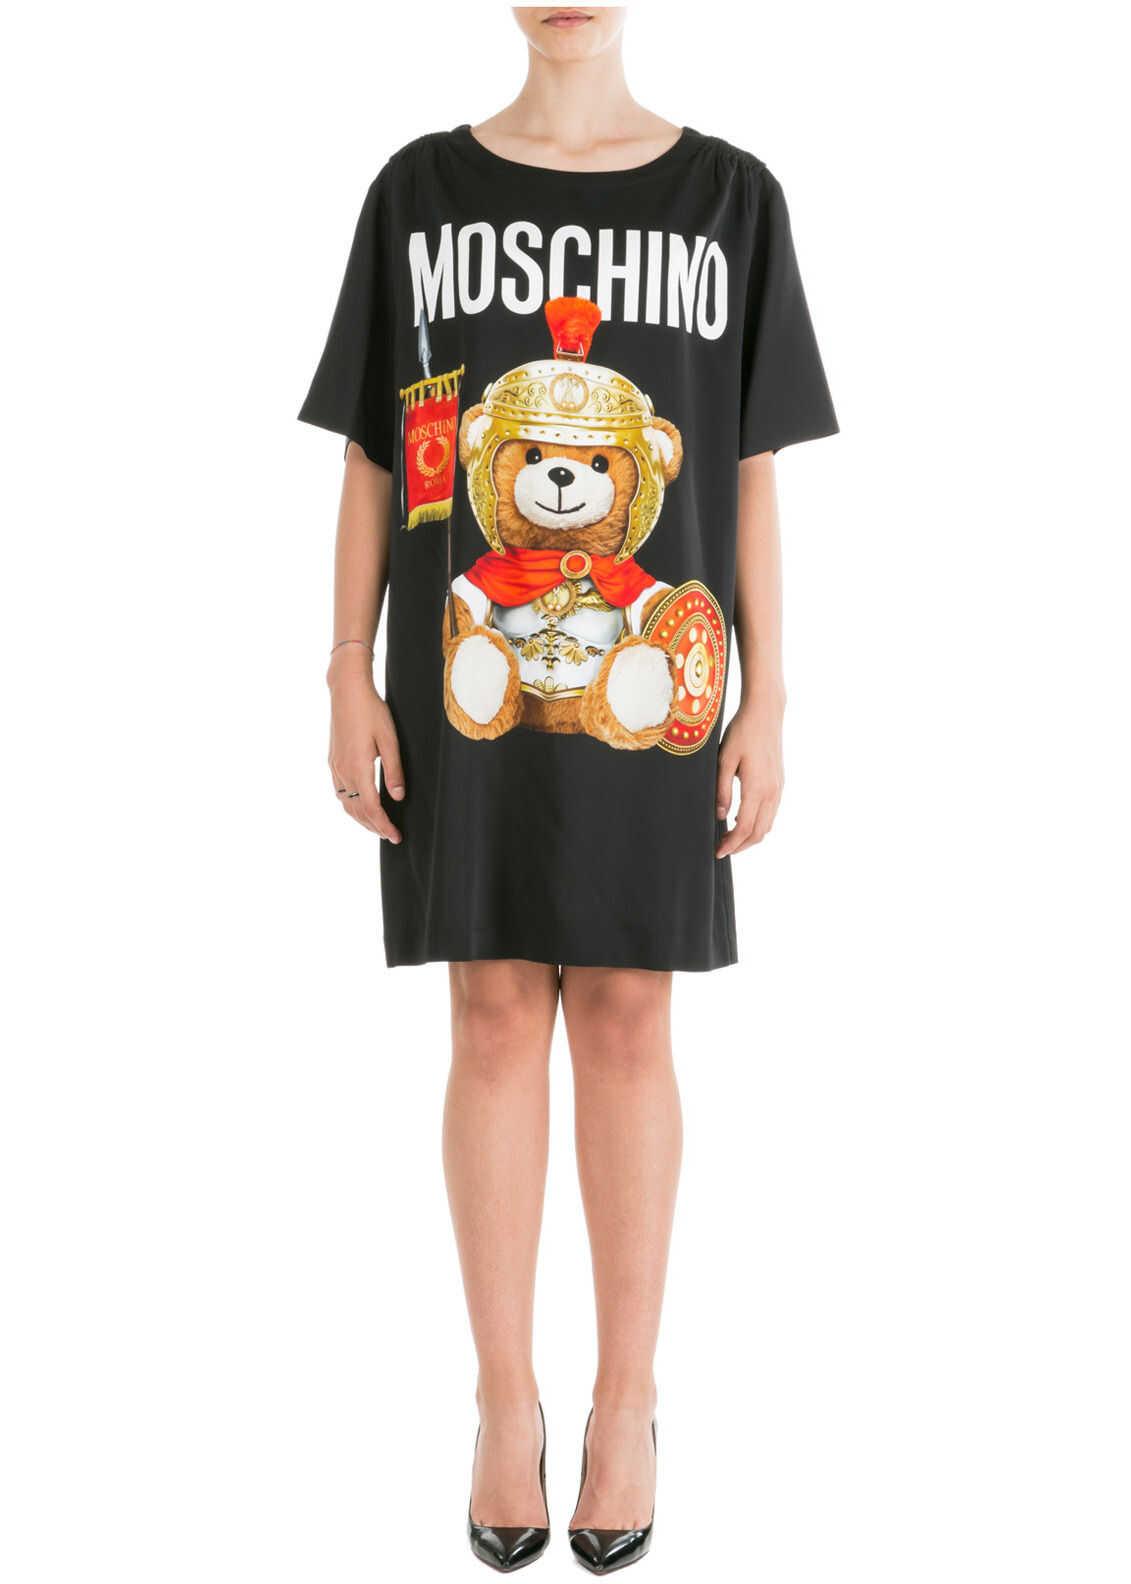 Moschino Teddy Bear Black